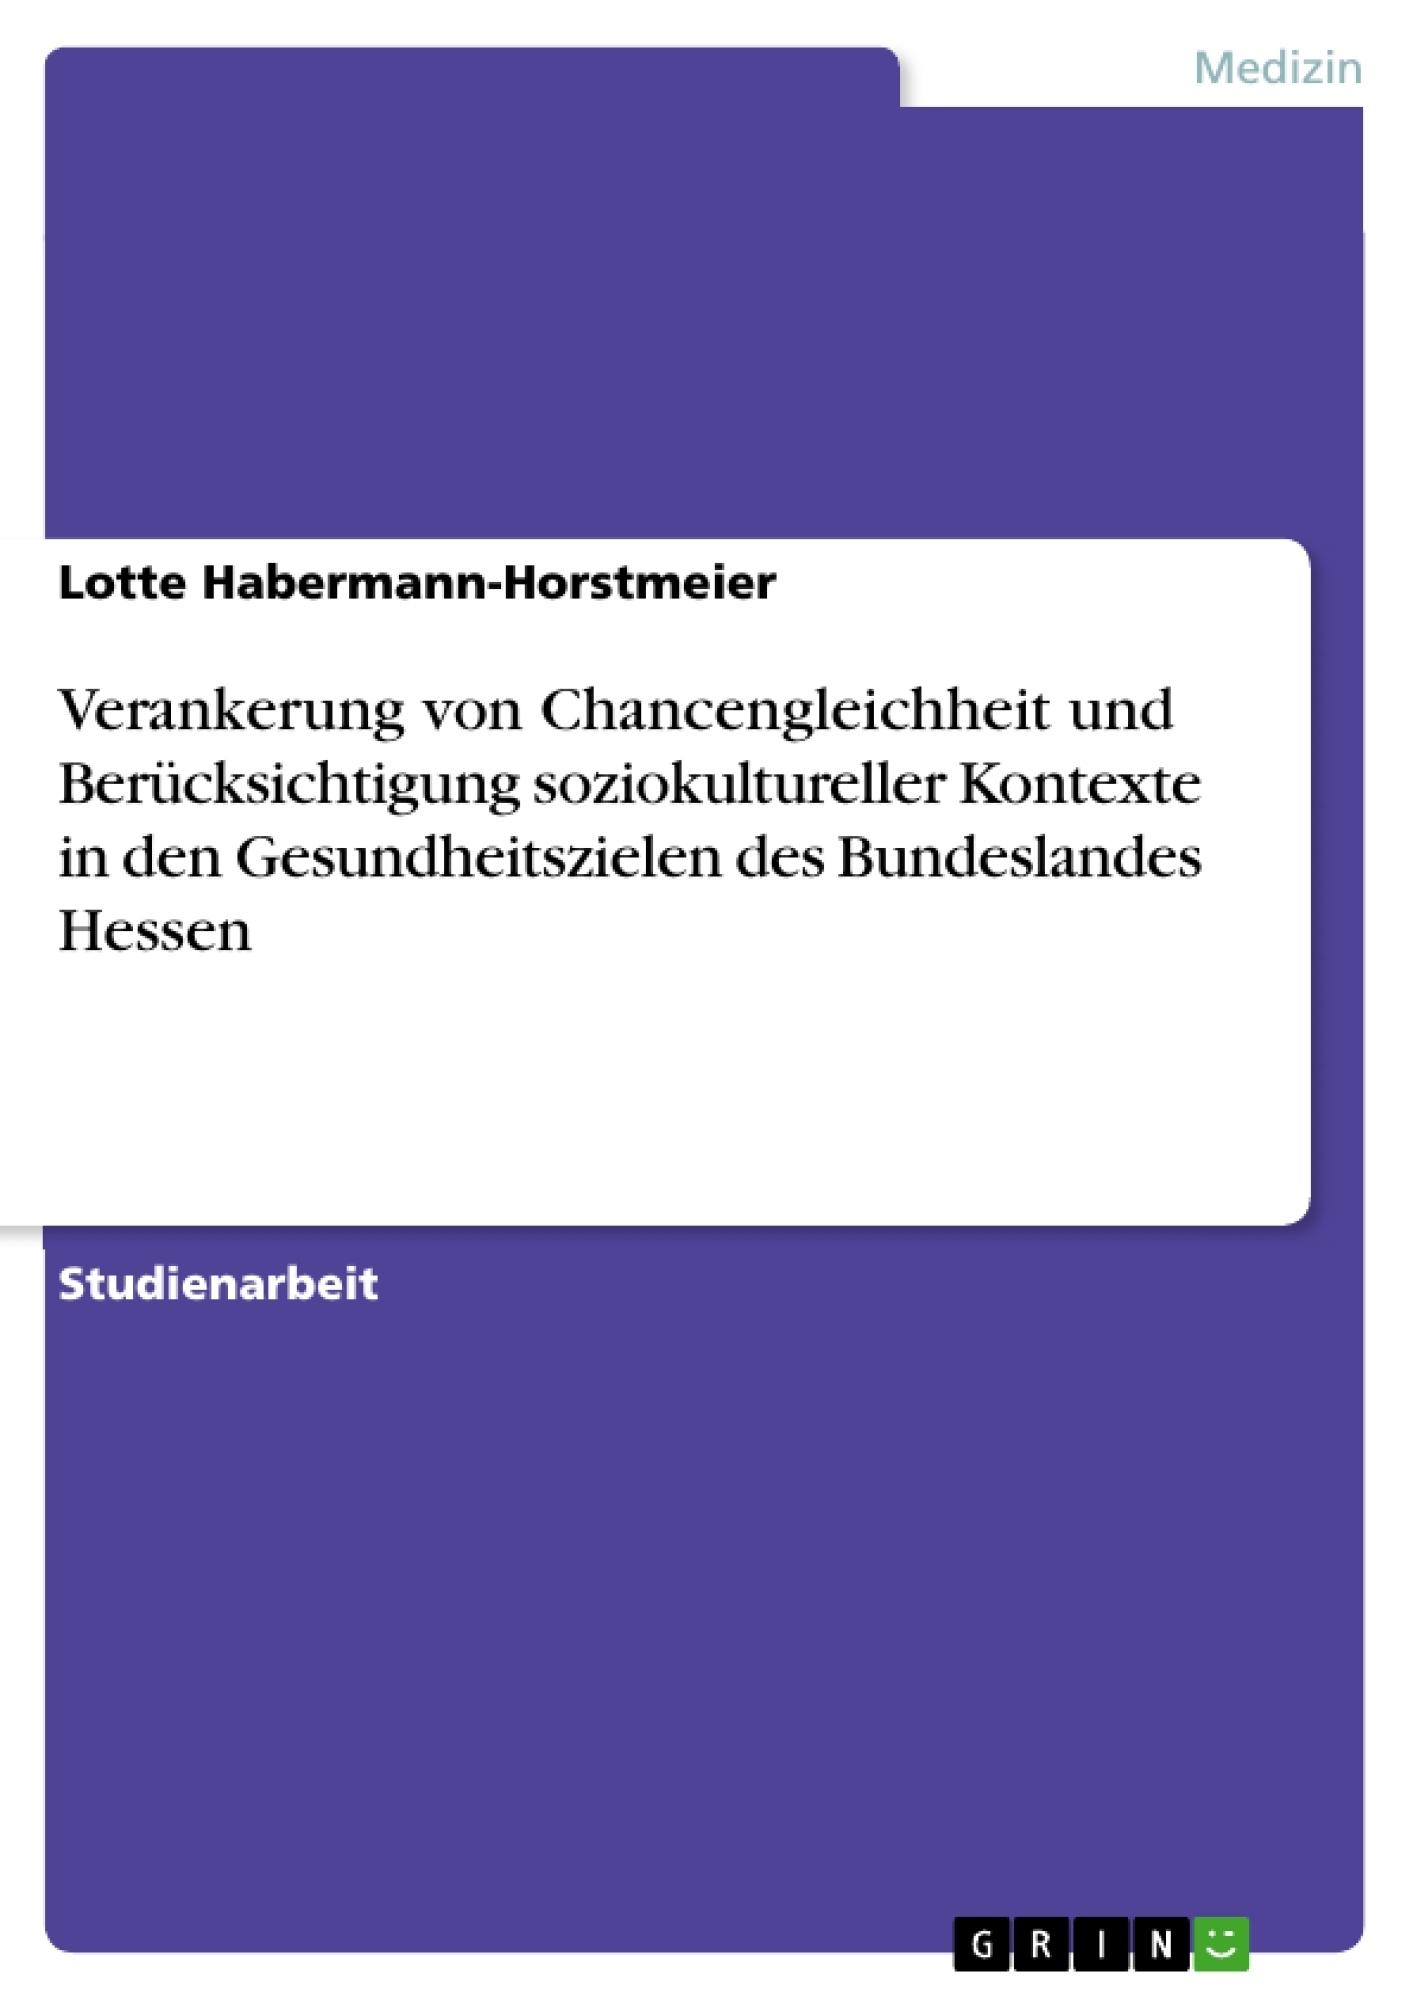 Titel: Verankerung von Chancengleichheit und Berücksichtigung soziokultureller Kontexte in den Gesundheitszielen des Bundeslandes Hessen